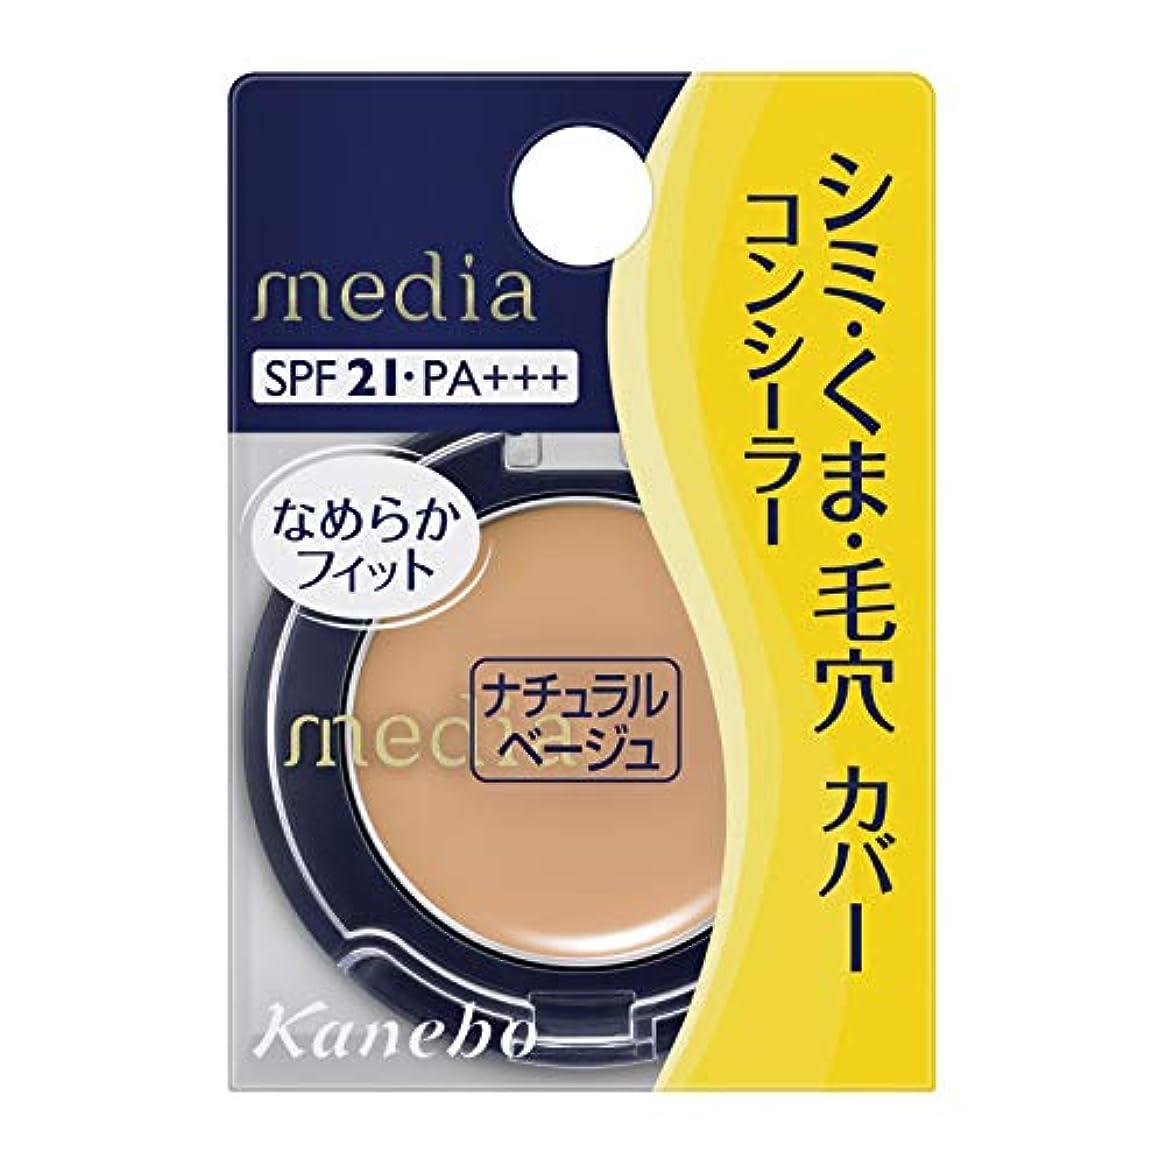 びっくりする良心的敬意を表してカネボウ化粧品 メディア コンシーラー S ナチュラルベージュ 1.7g